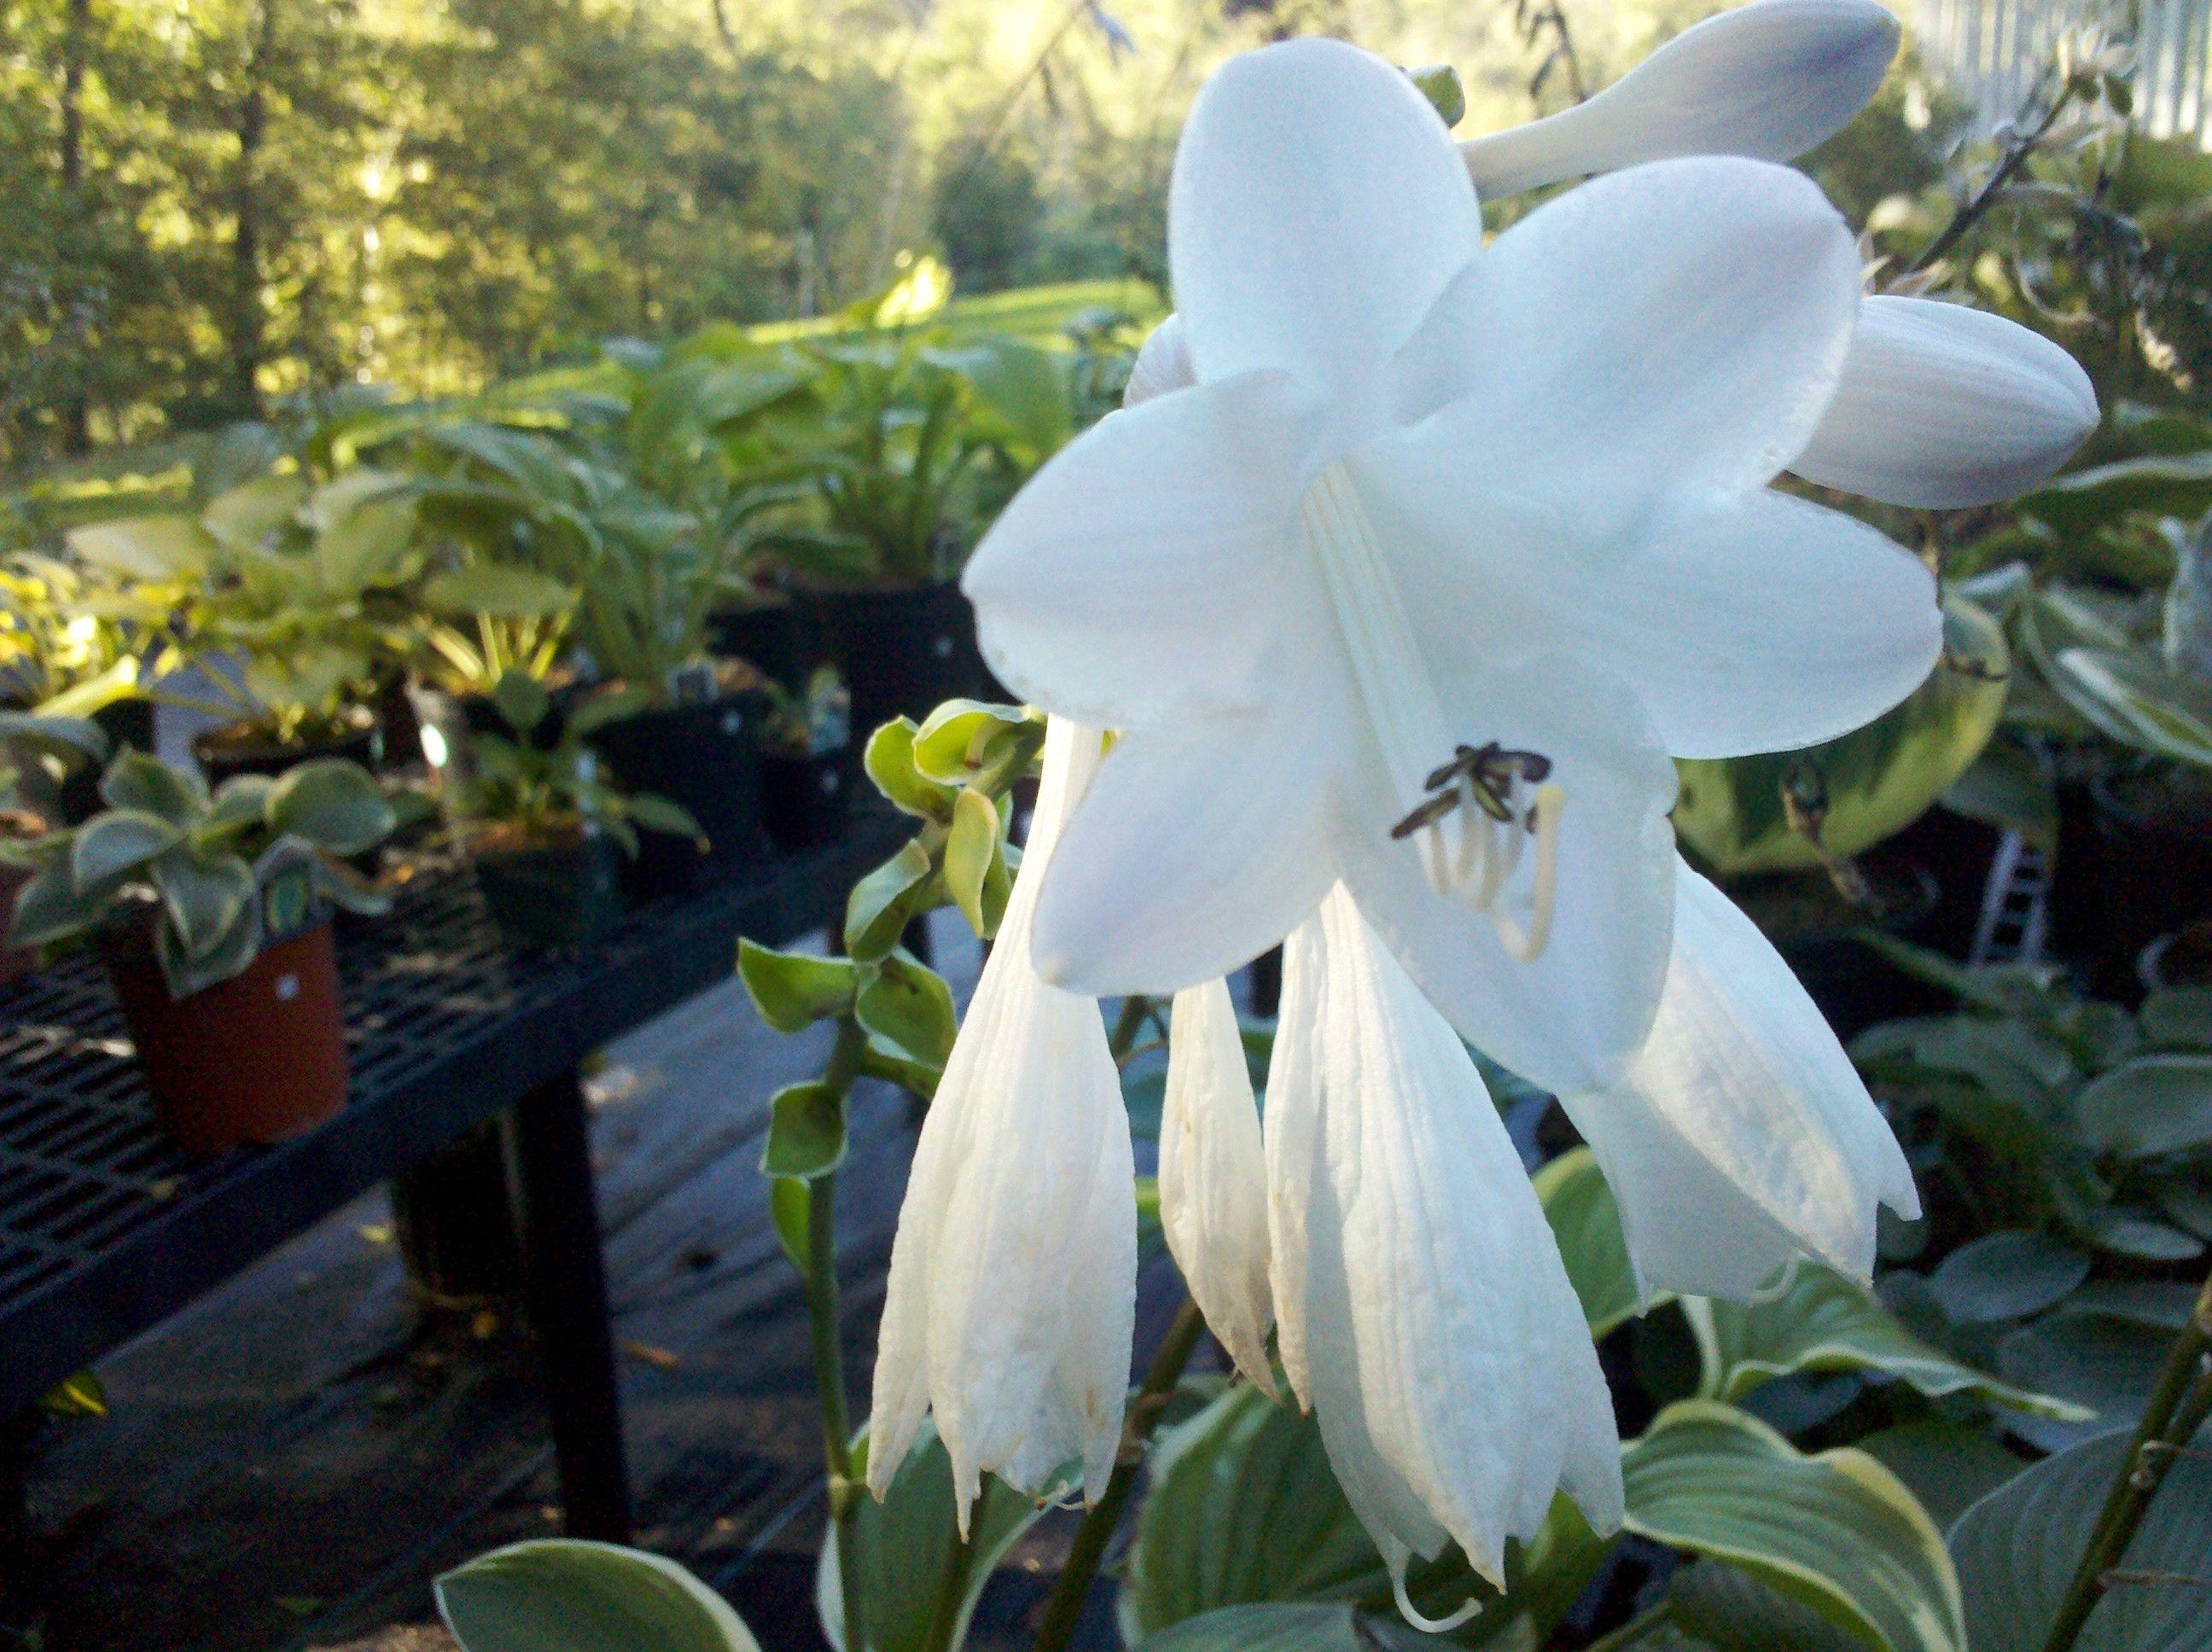 Hosta Diana Remembered Fragrant White Flowers My Hosta Gardens